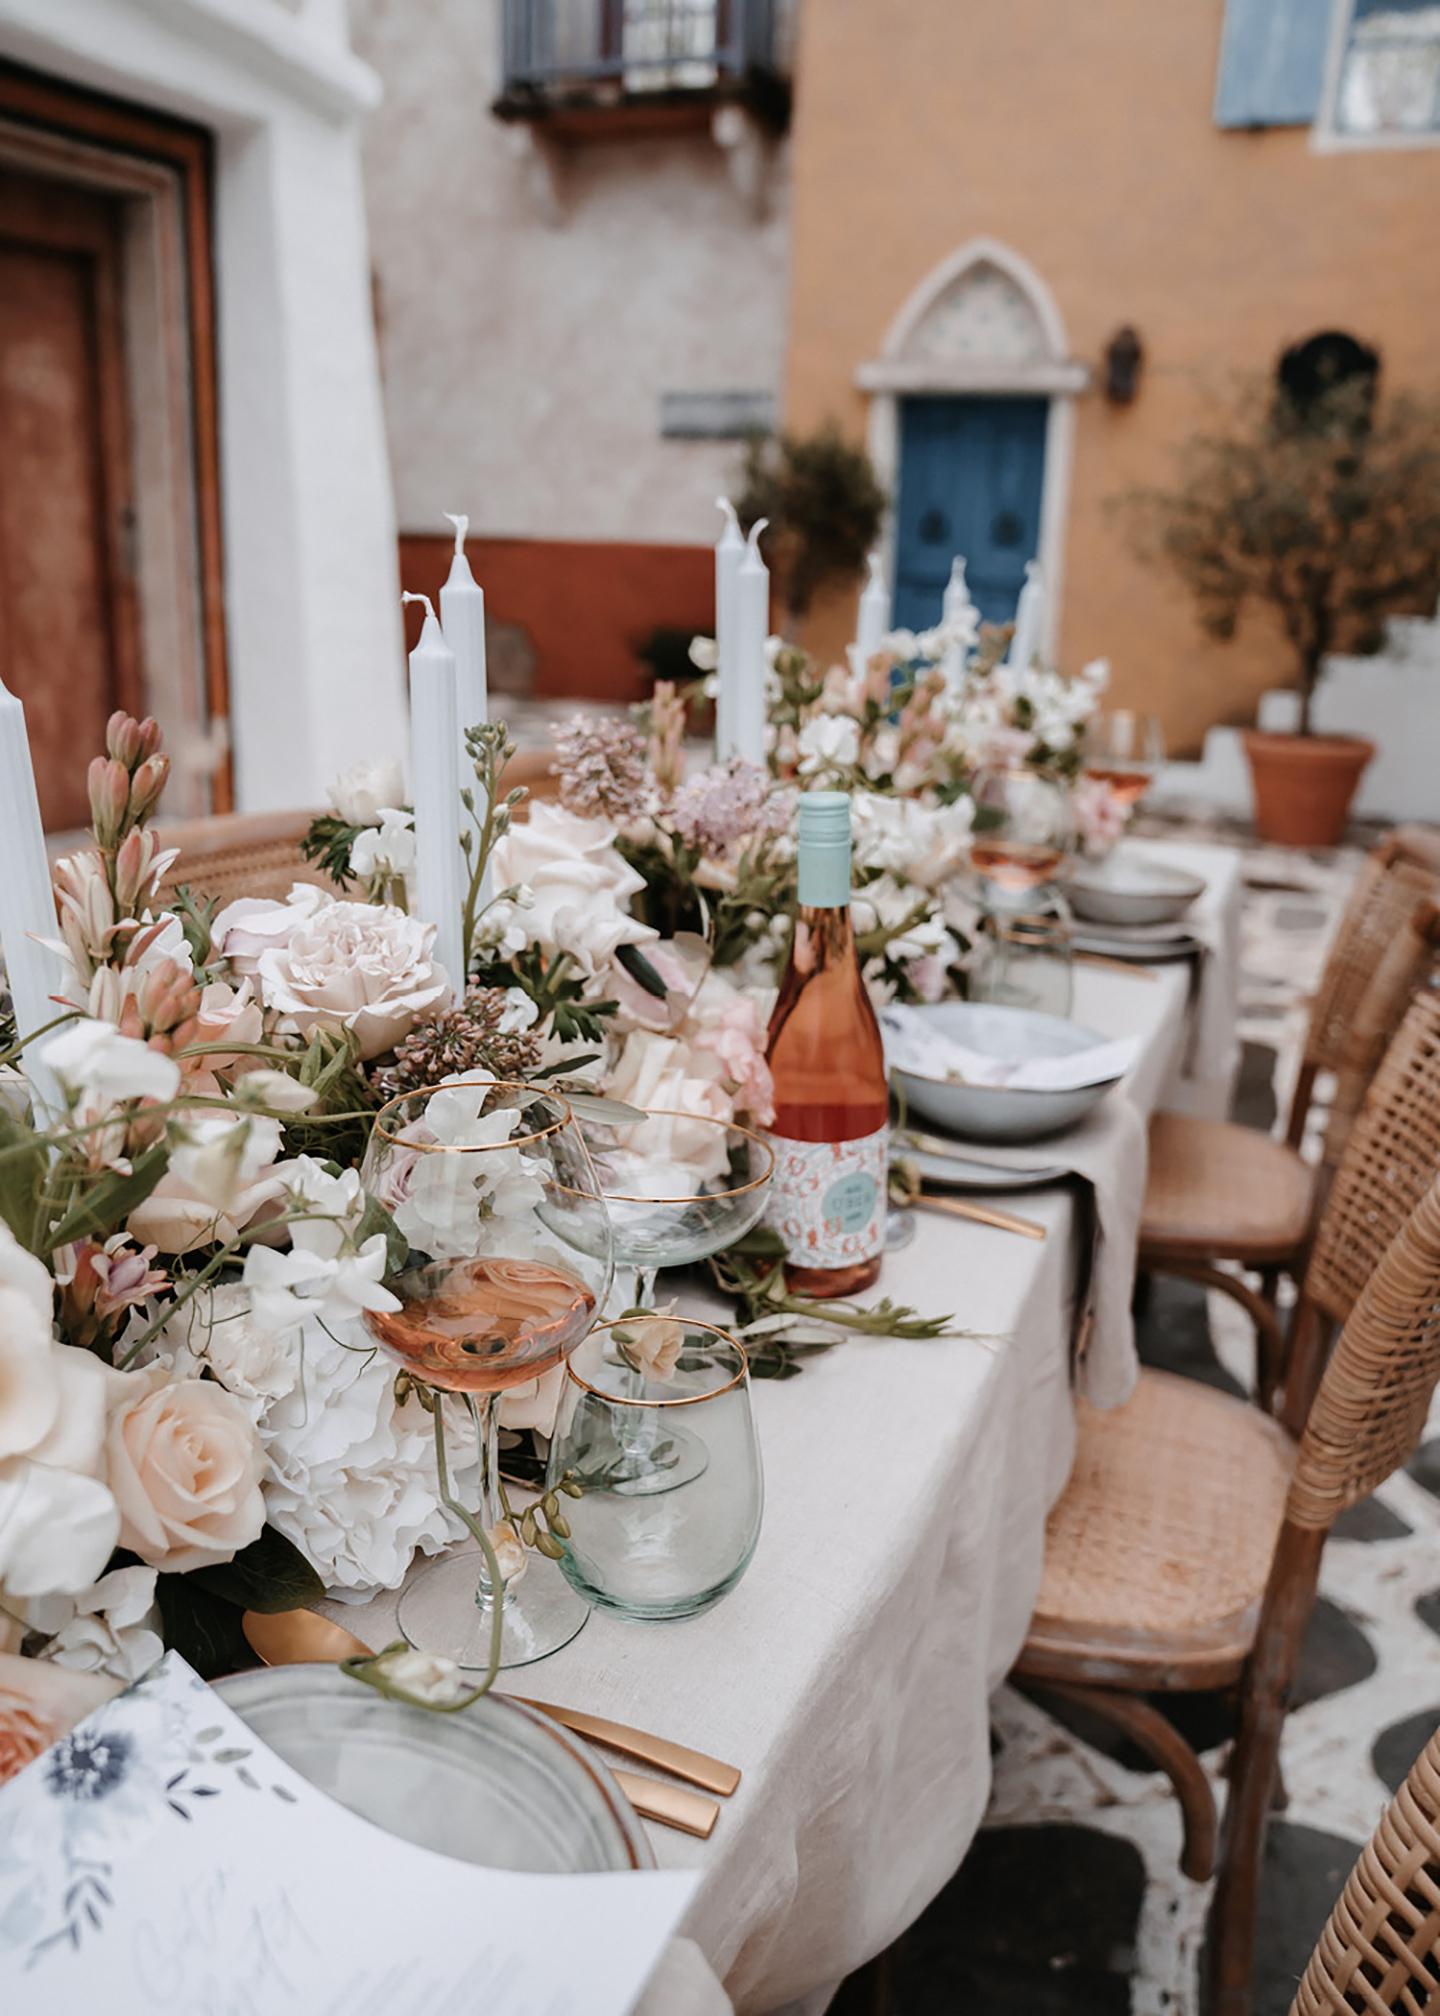 Der angerichtete mediterrane Hochzeitstisch erstrahlt mit einer Pracht aus Blumen und Dekoration. Das Besteck ist rosegold und passt zu den beige-pastellorangenen Häusern im Hintergrund.